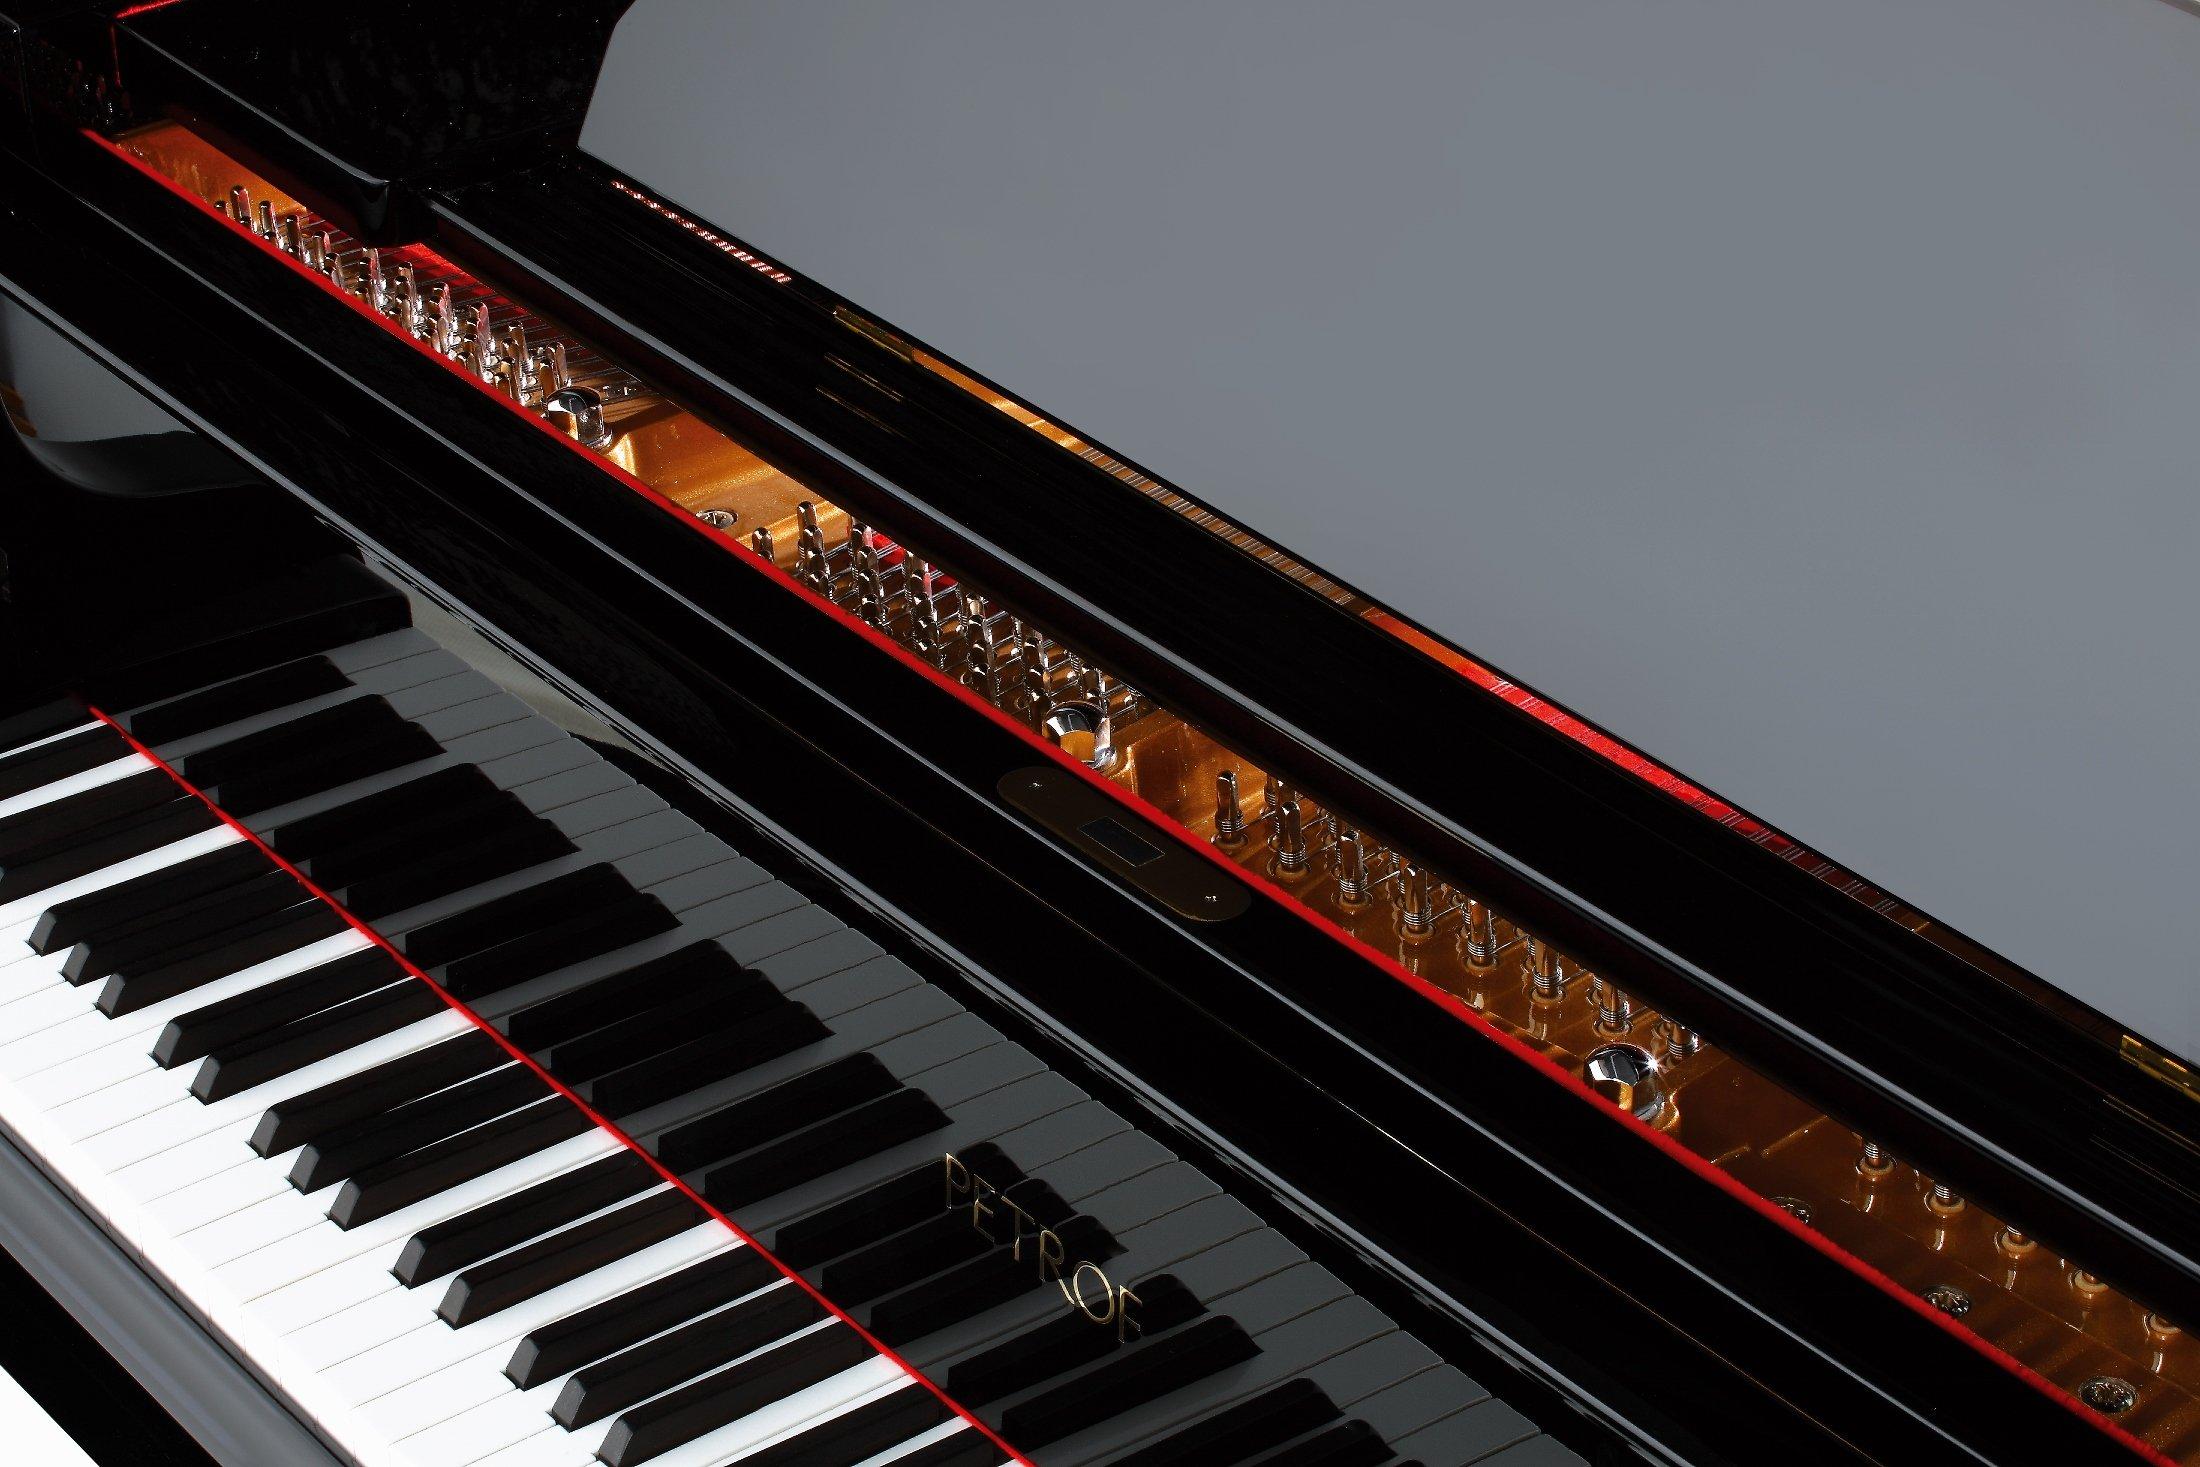 Petrof P-237 Monsoon klaviatura